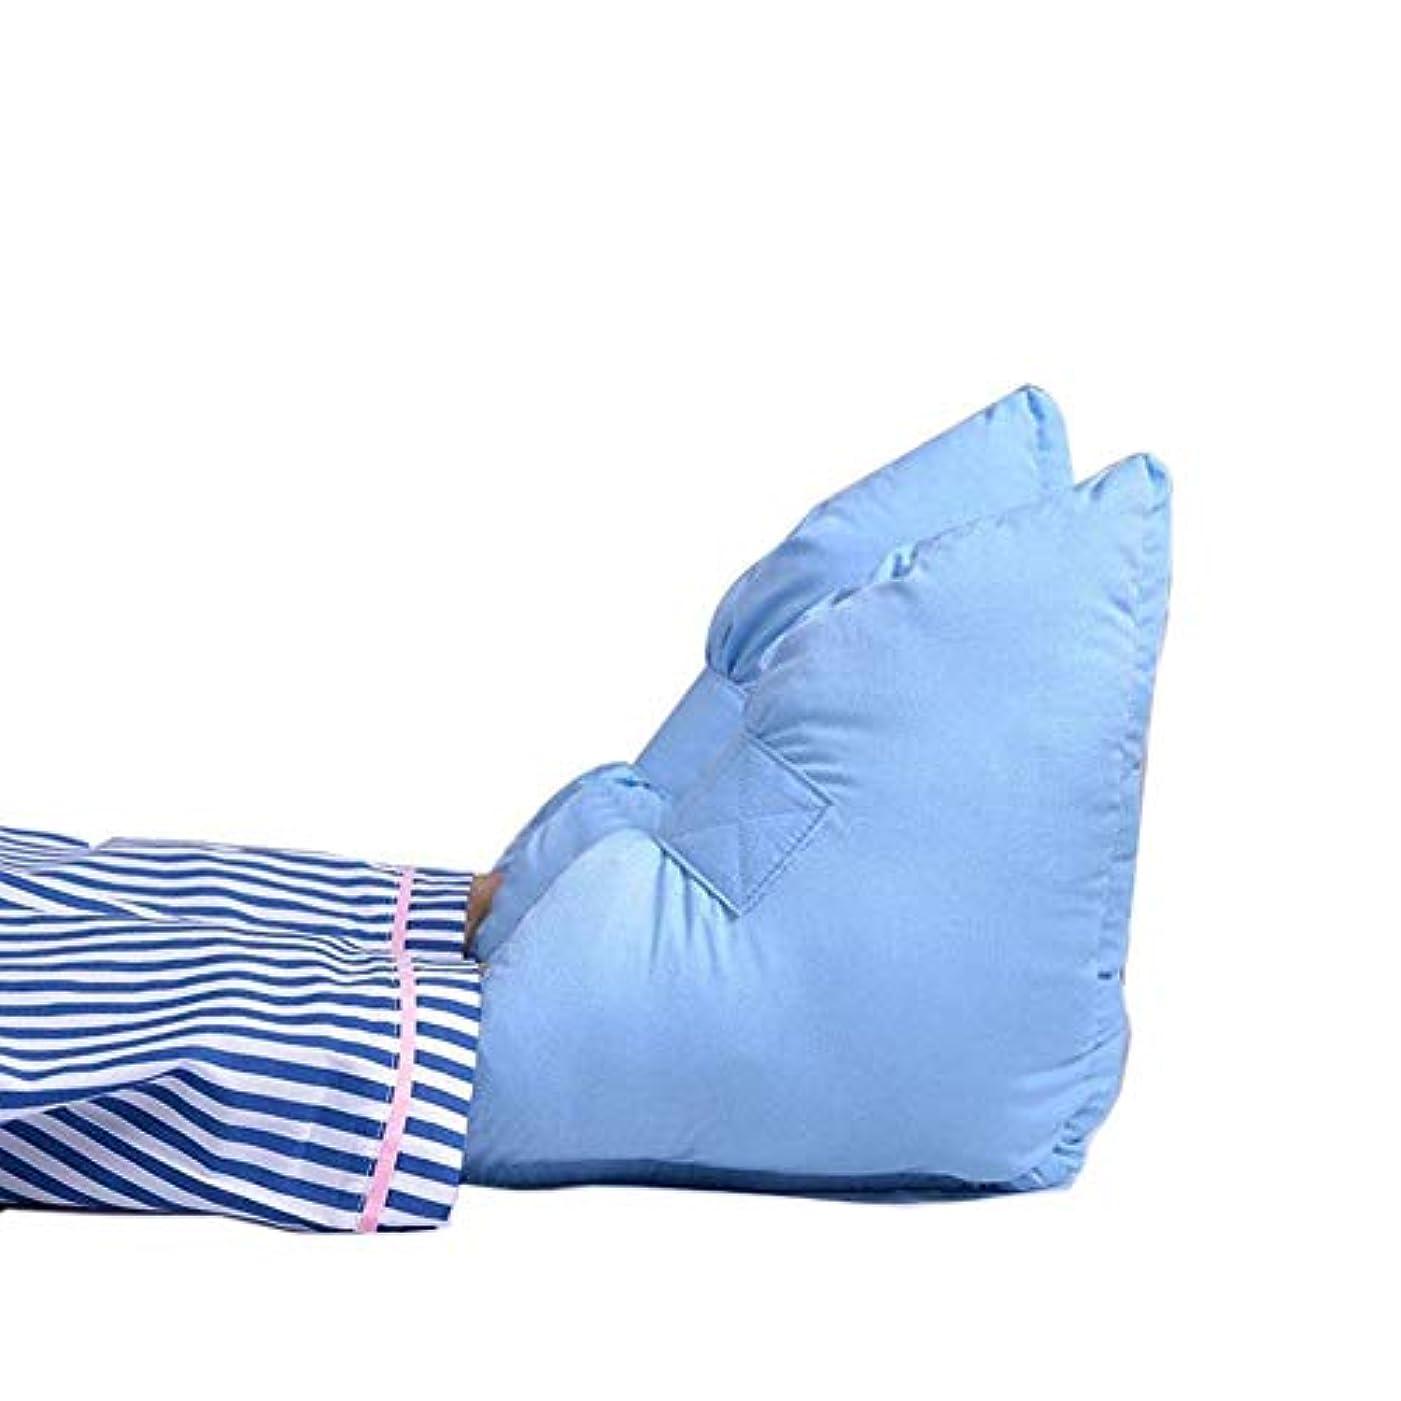 害虫出費対称反褥瘡ソフトヒールプロテクター枕、褥瘡予防のためのヒールフロートヒールプロテクター